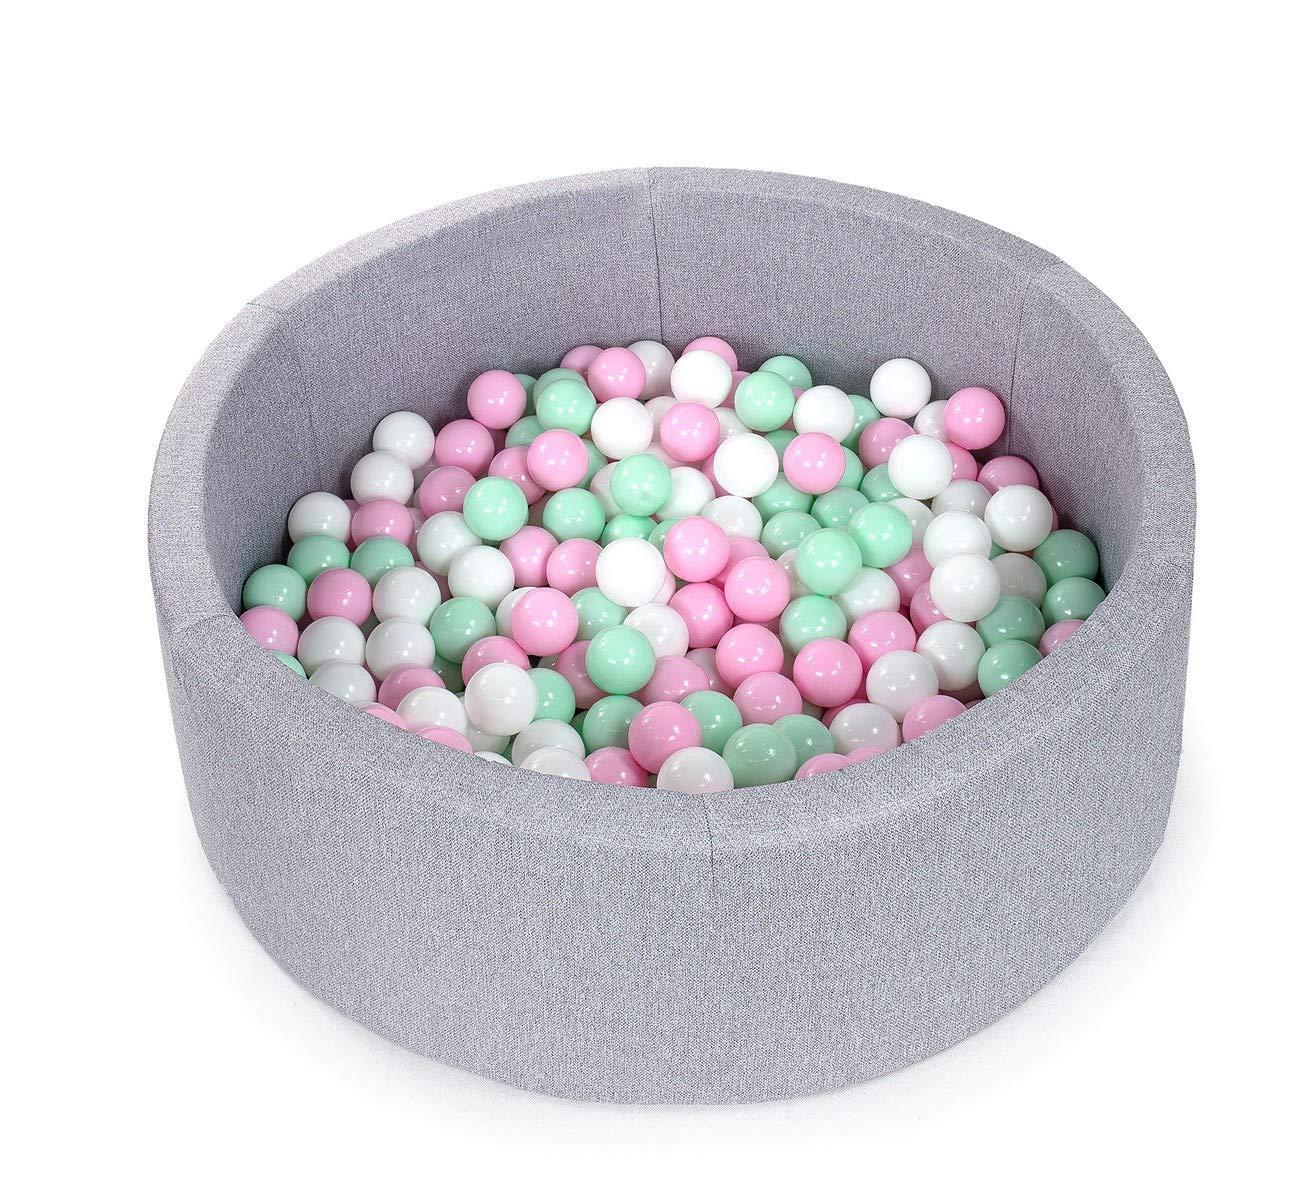 Tweepsy B/éb/é Piscine A Balles pour Enfants Bambin 250 Balles 90x30cm Rond Fabriqu/é en EU Piscine Gris Clair: Blanc Gris BKOZN3N